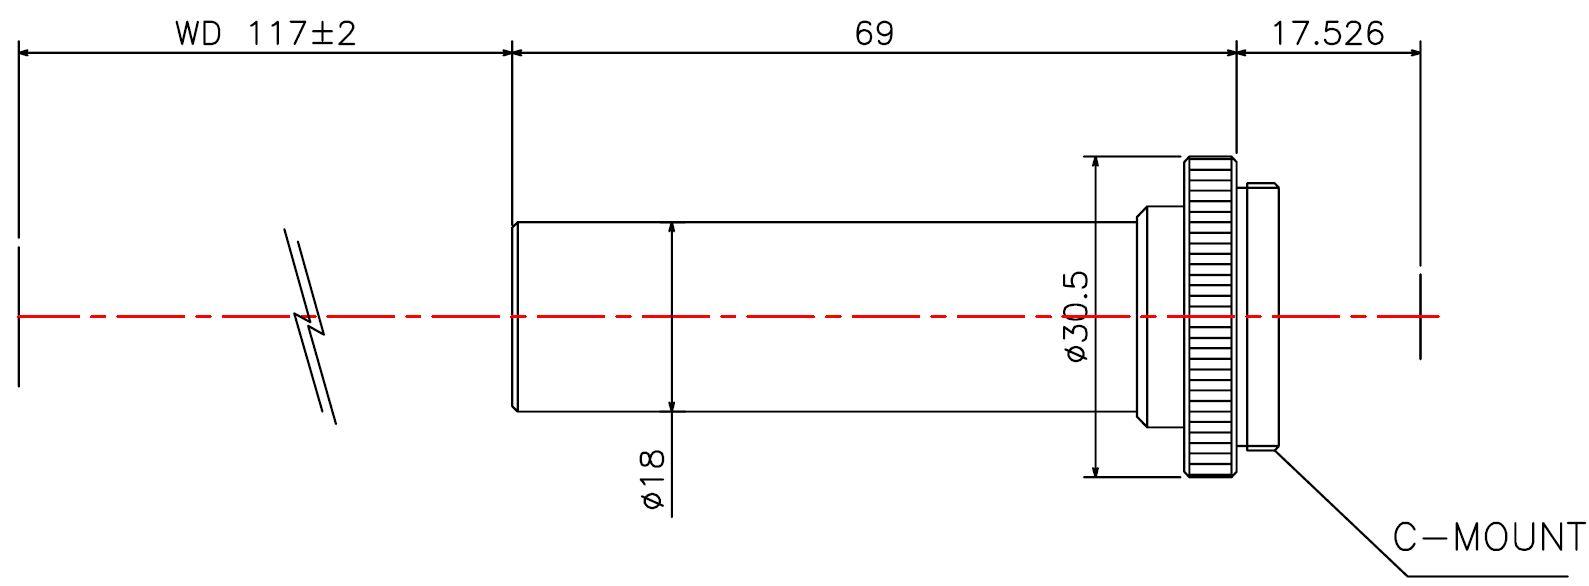 Lensagon MCST-06-117